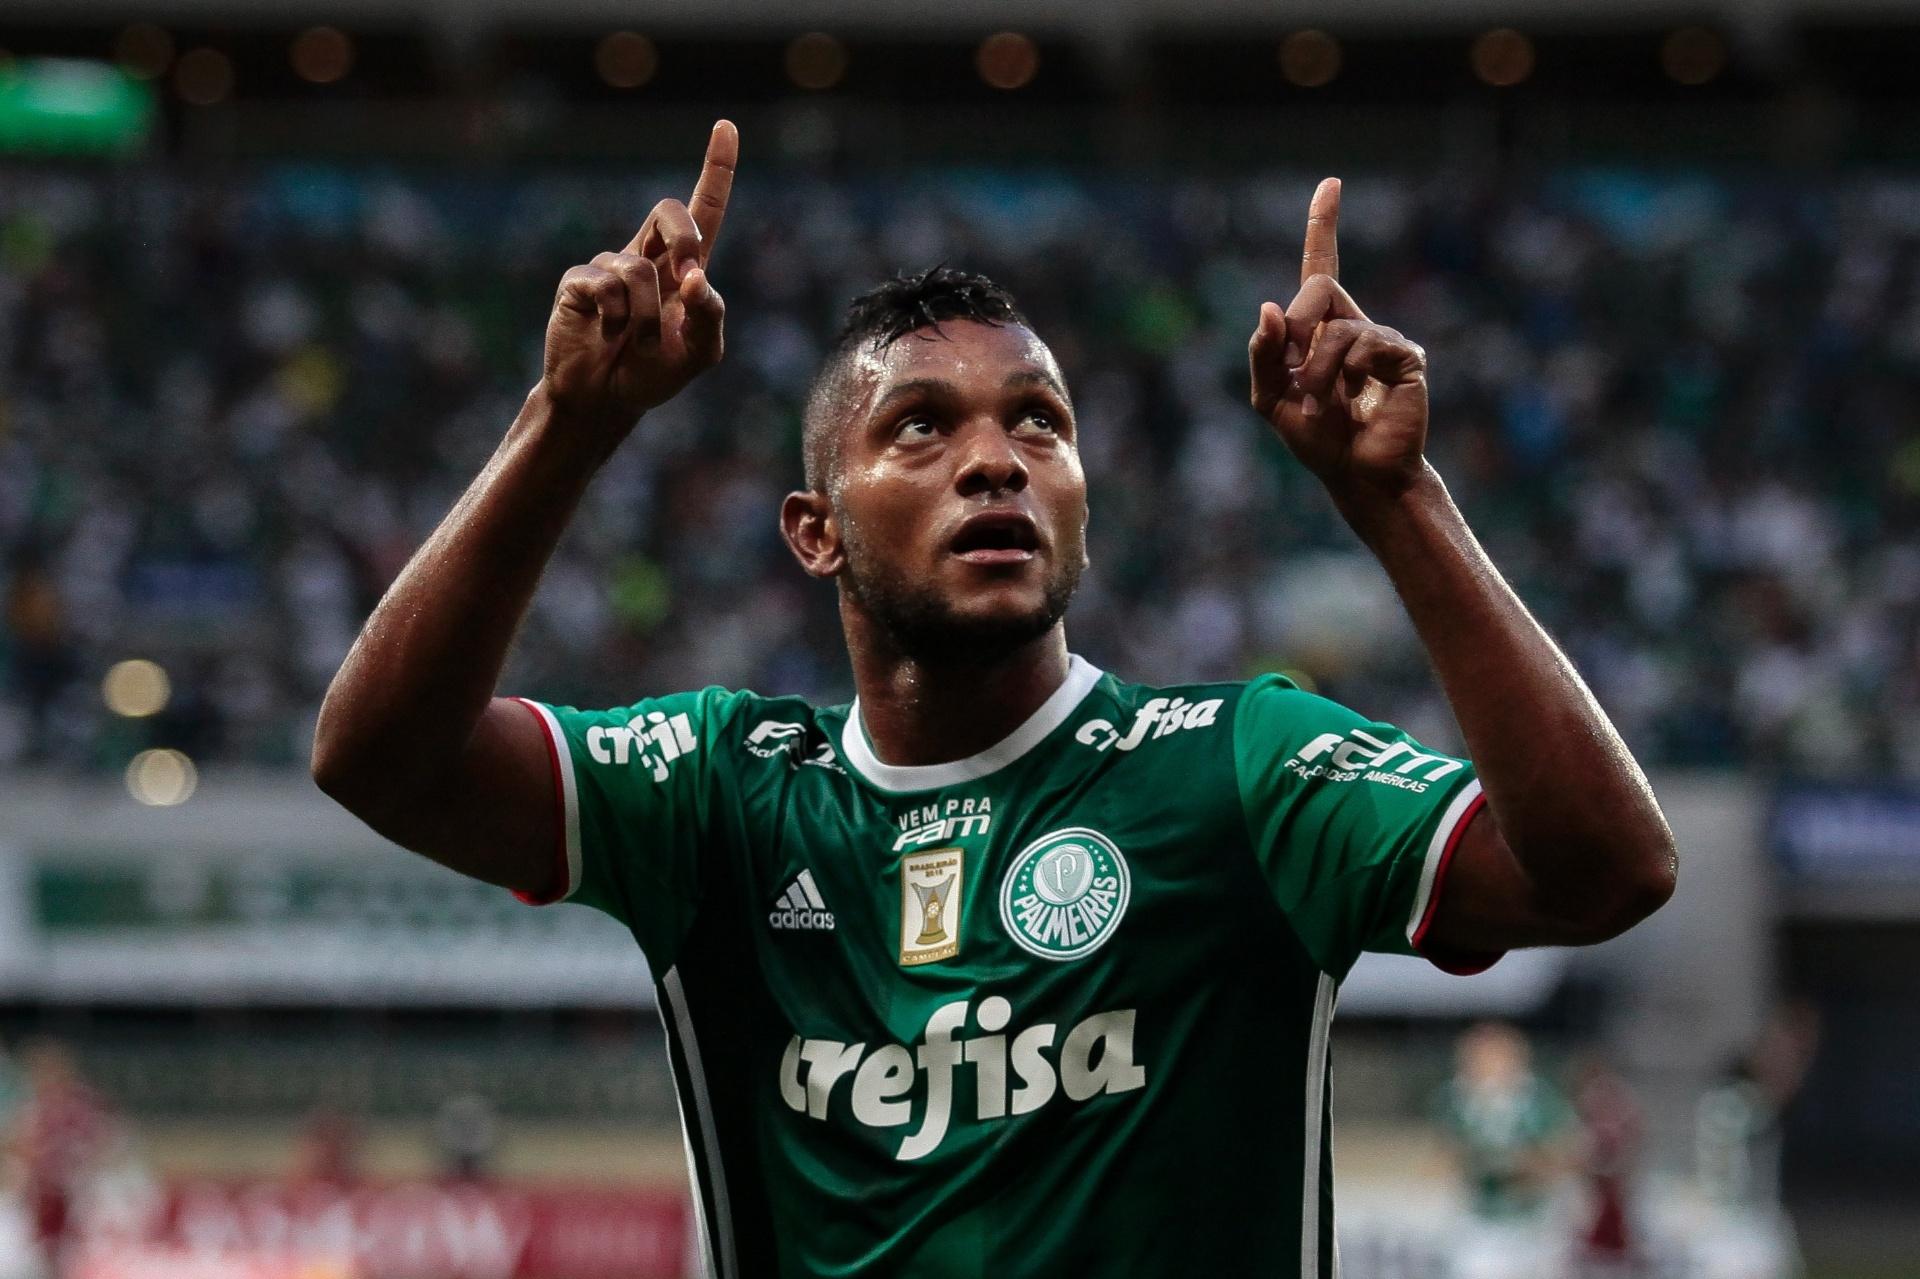 2c93ee0c87 Que estreia! Borja marca em goleada e Palmeiras respira - 25 02 2017 - UOL  Esporte